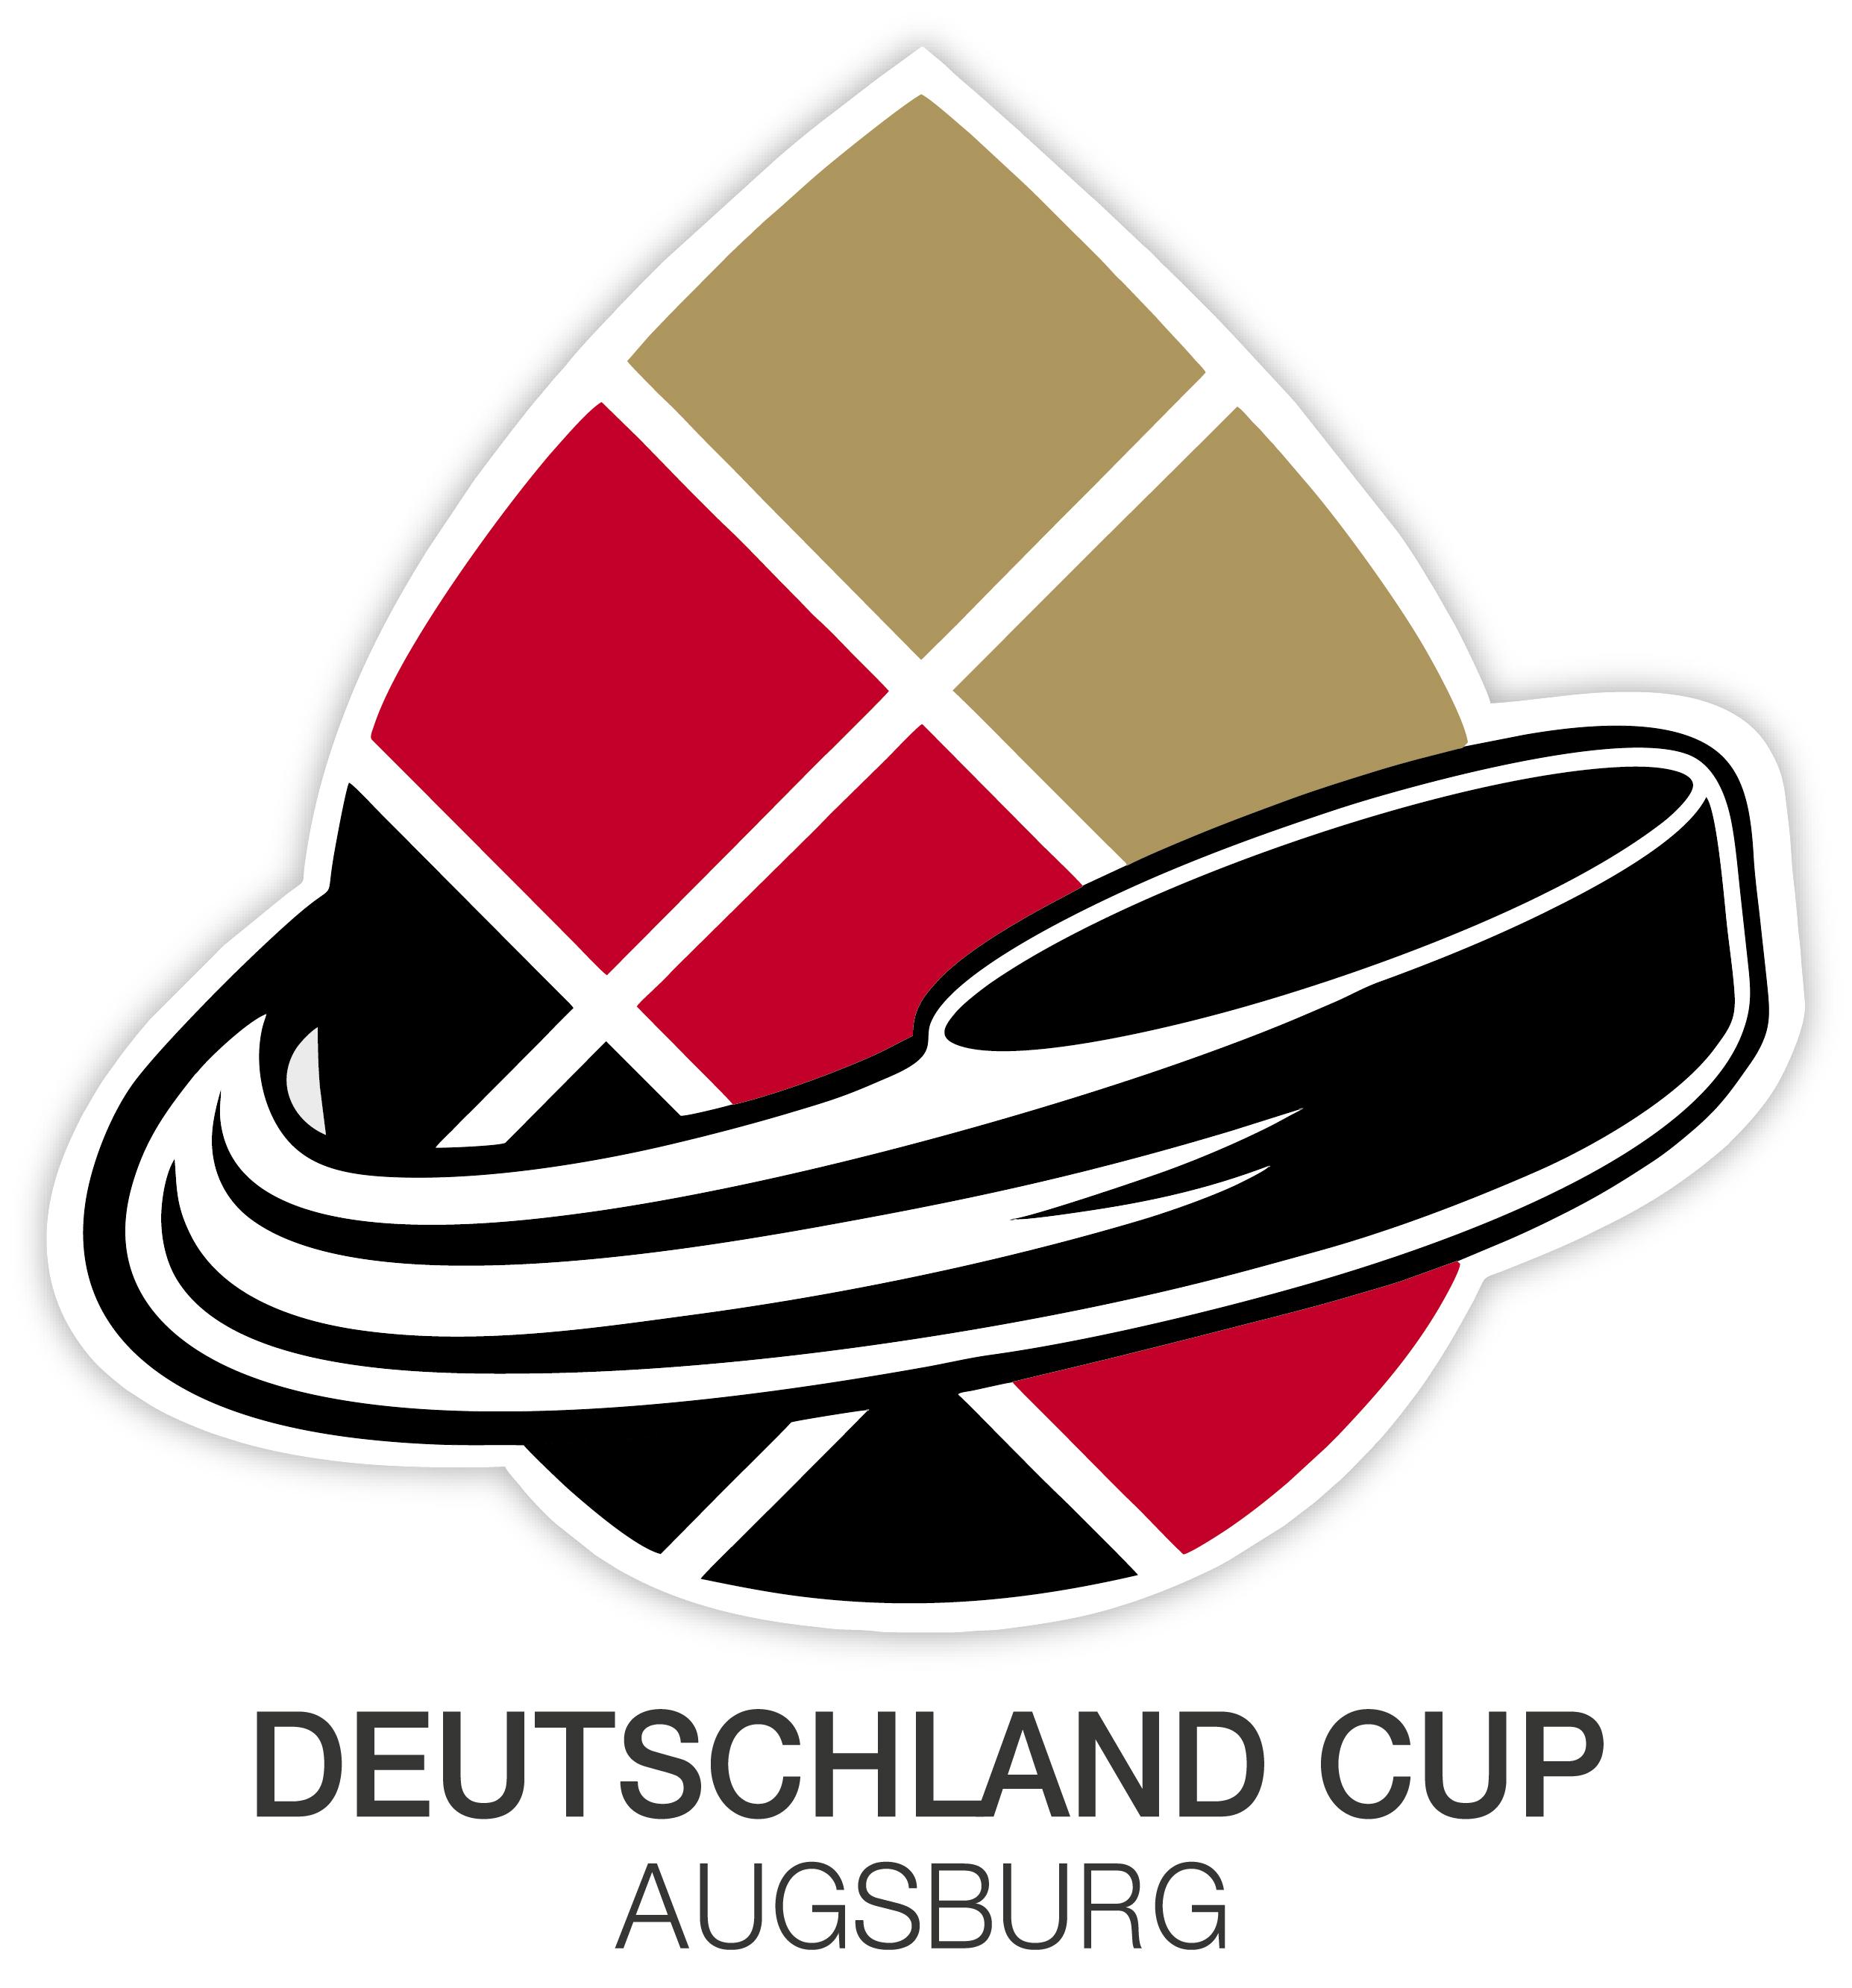 http://www.deb-online.de/wp-content/uploads/2015/10/d-cup1516_Logo_final.jpg